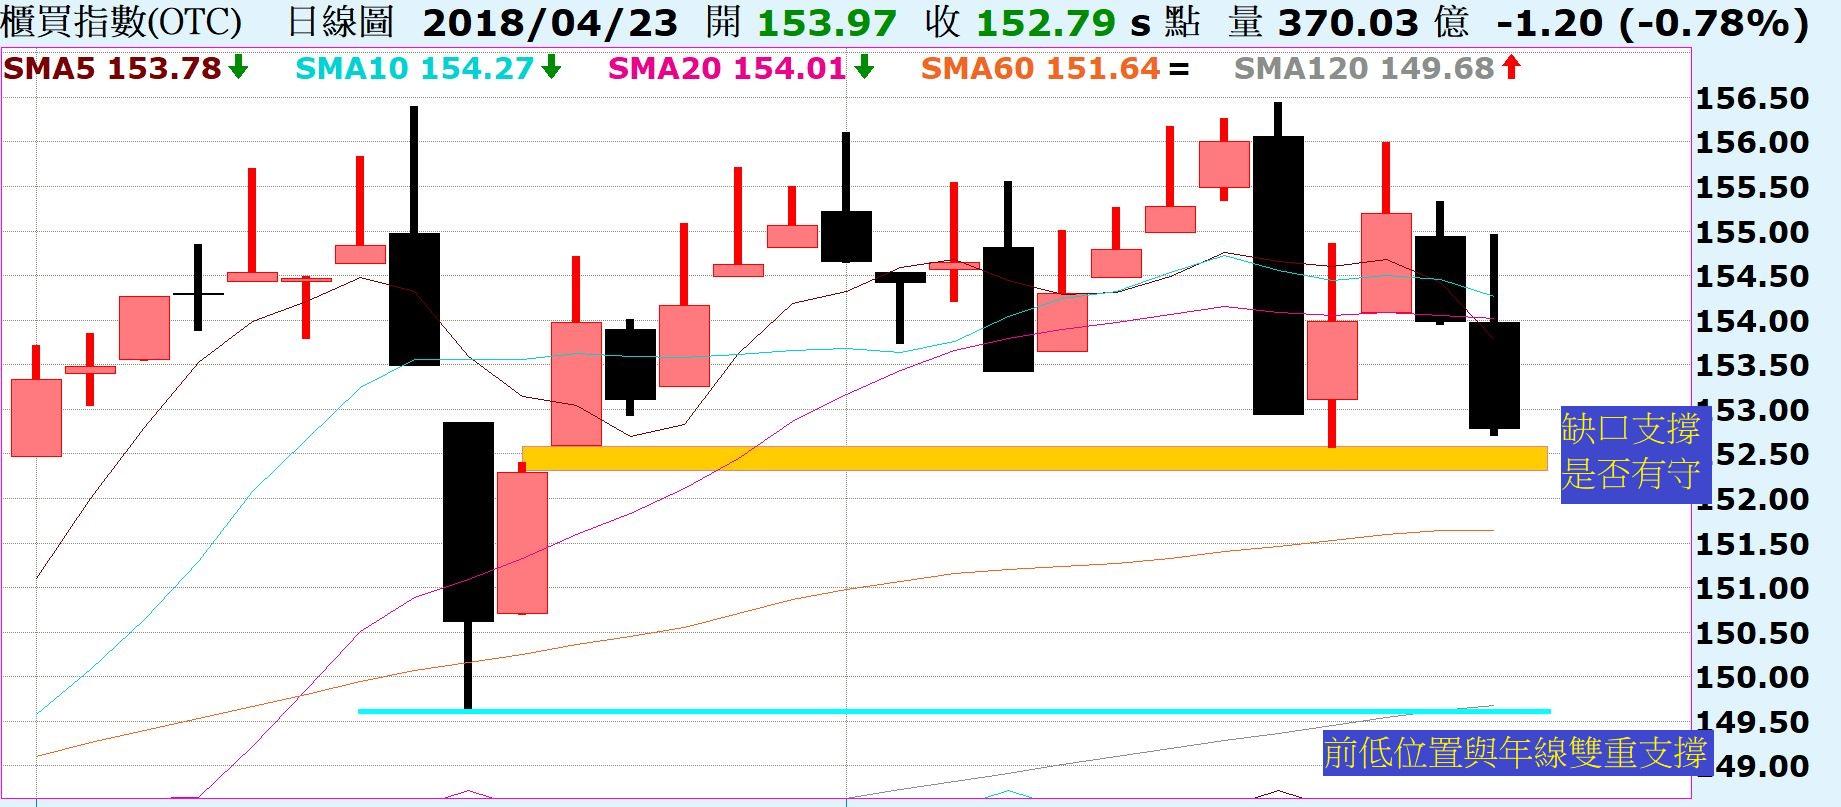 跌破區間下緣,走勢的改變!陸股A50下降趨勢線沒有突破就是弱勢!_02